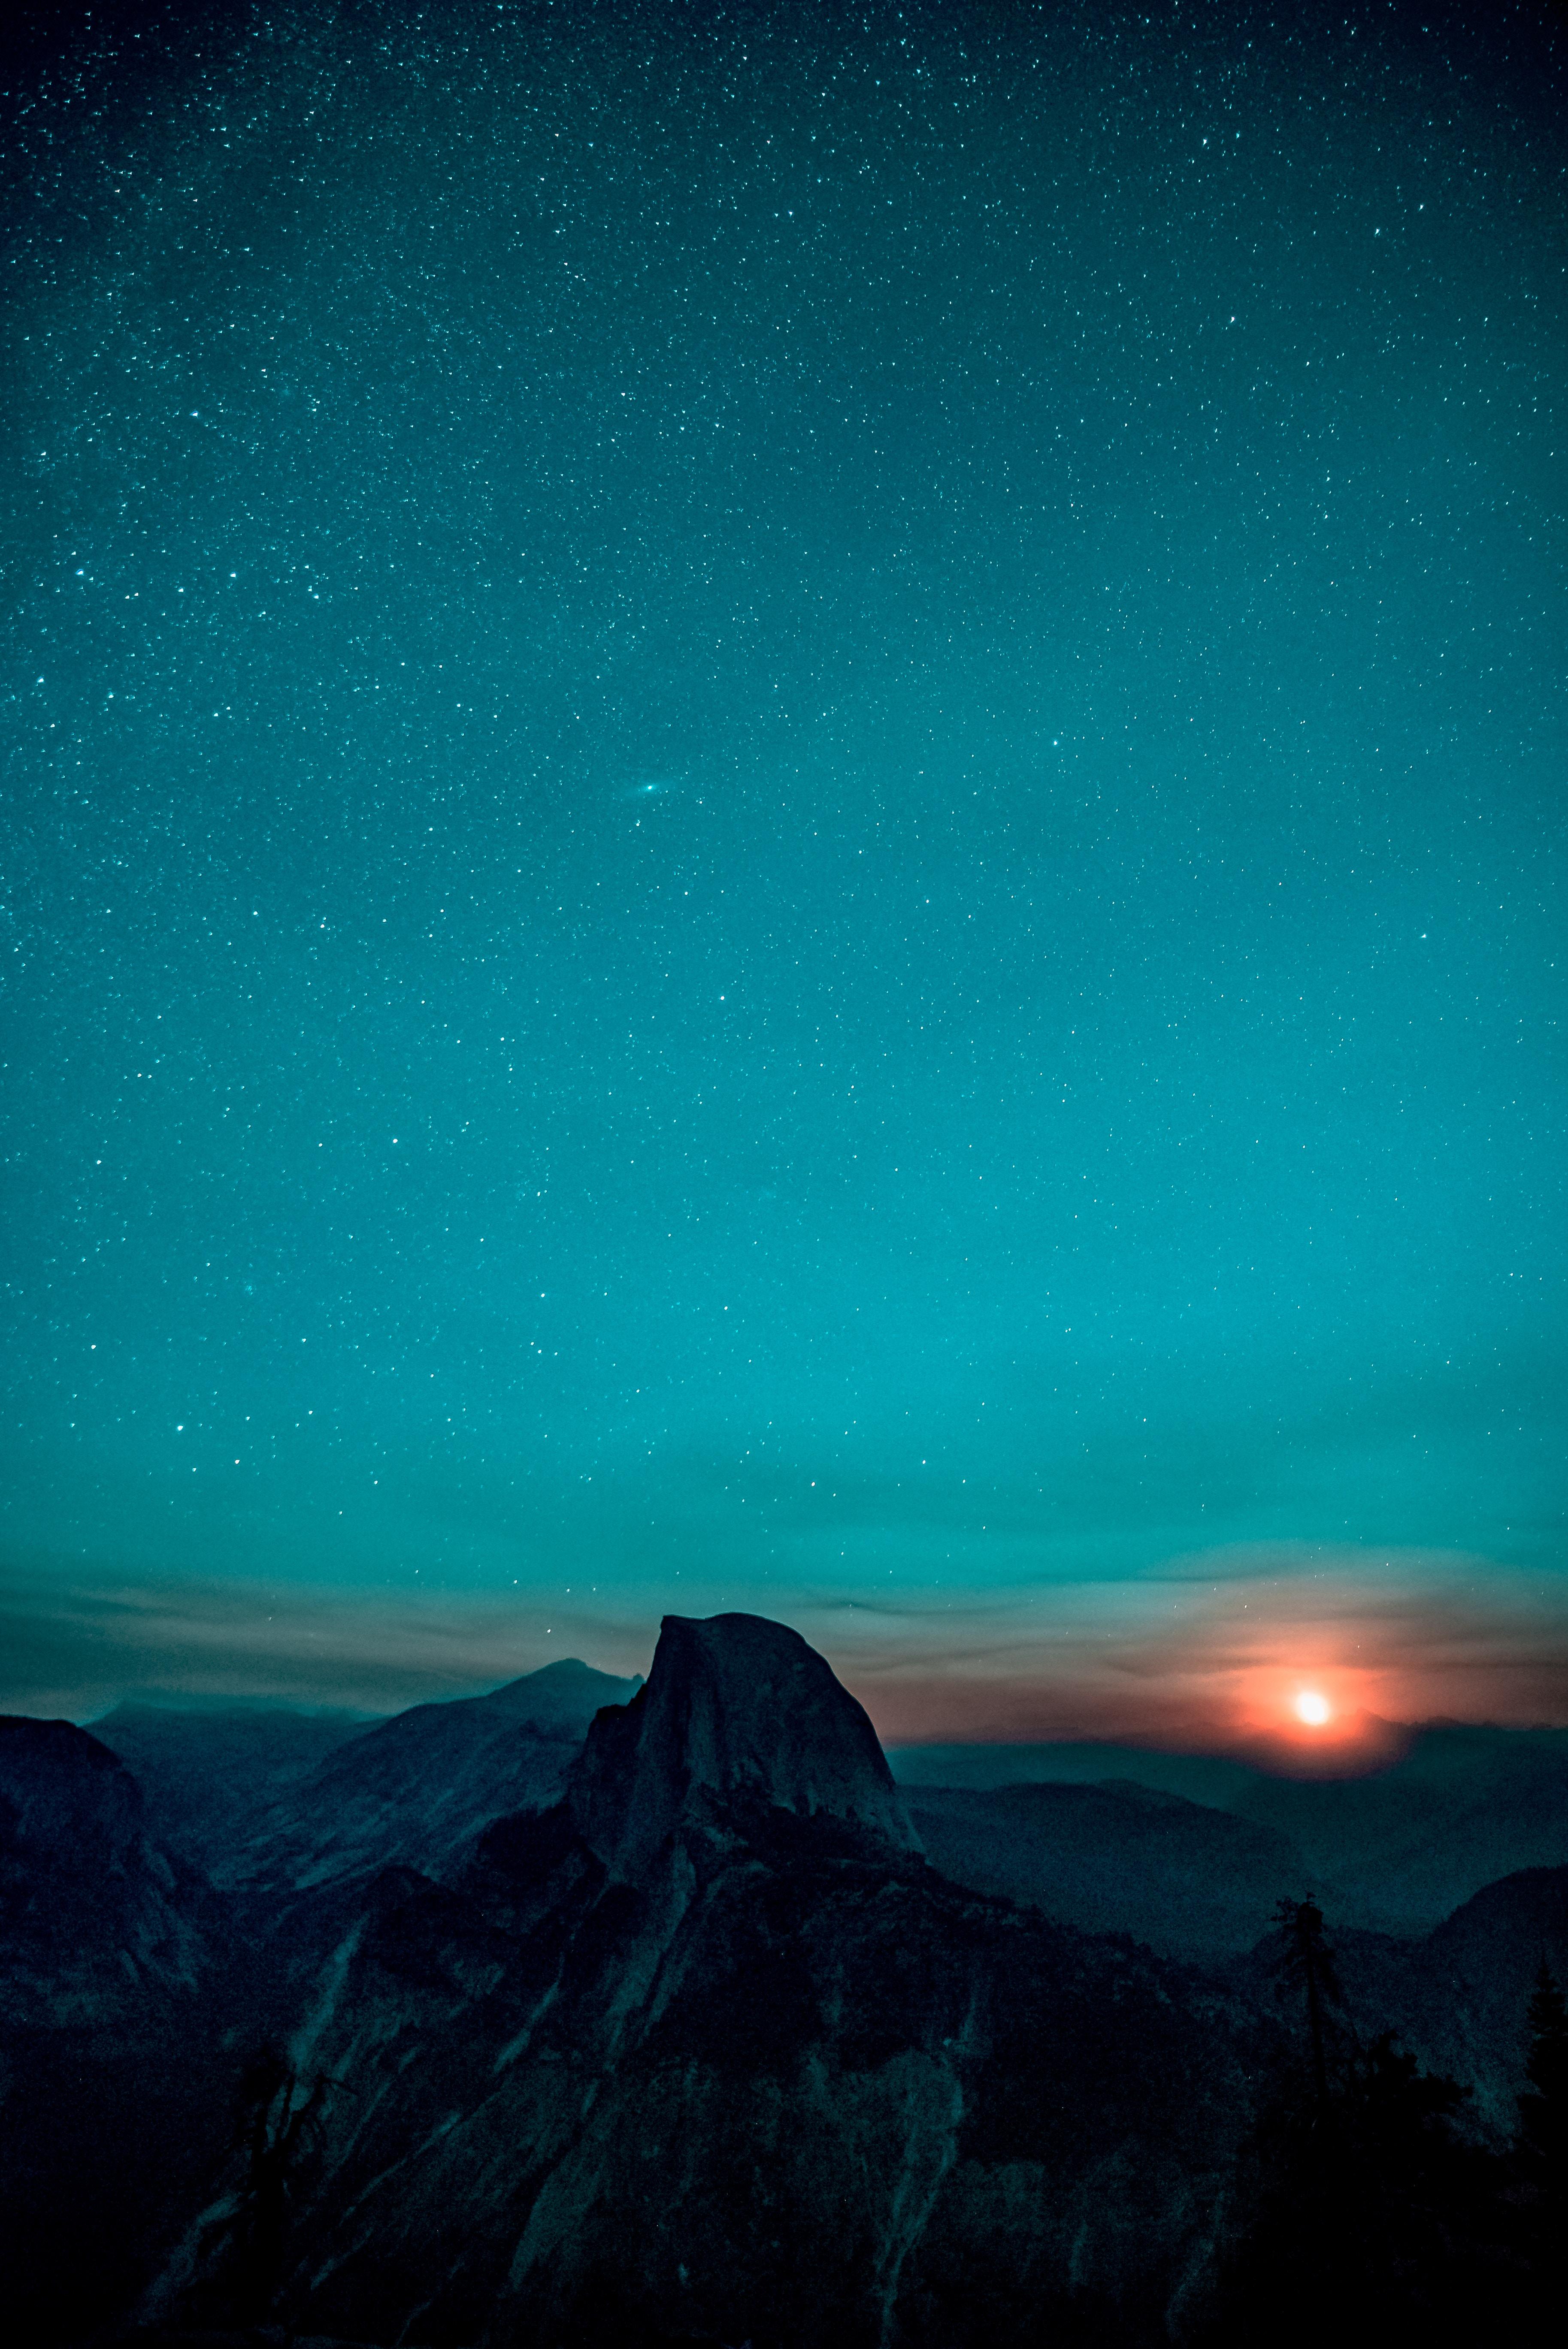 121589 Protetores de tela e papéis de parede Montanhas em seu telefone. Baixe Natureza, Montanhas, Céu Estrelado, Nascer Do Sol, Subir, Vale De Yosemite, Vale Yosemite fotos gratuitamente